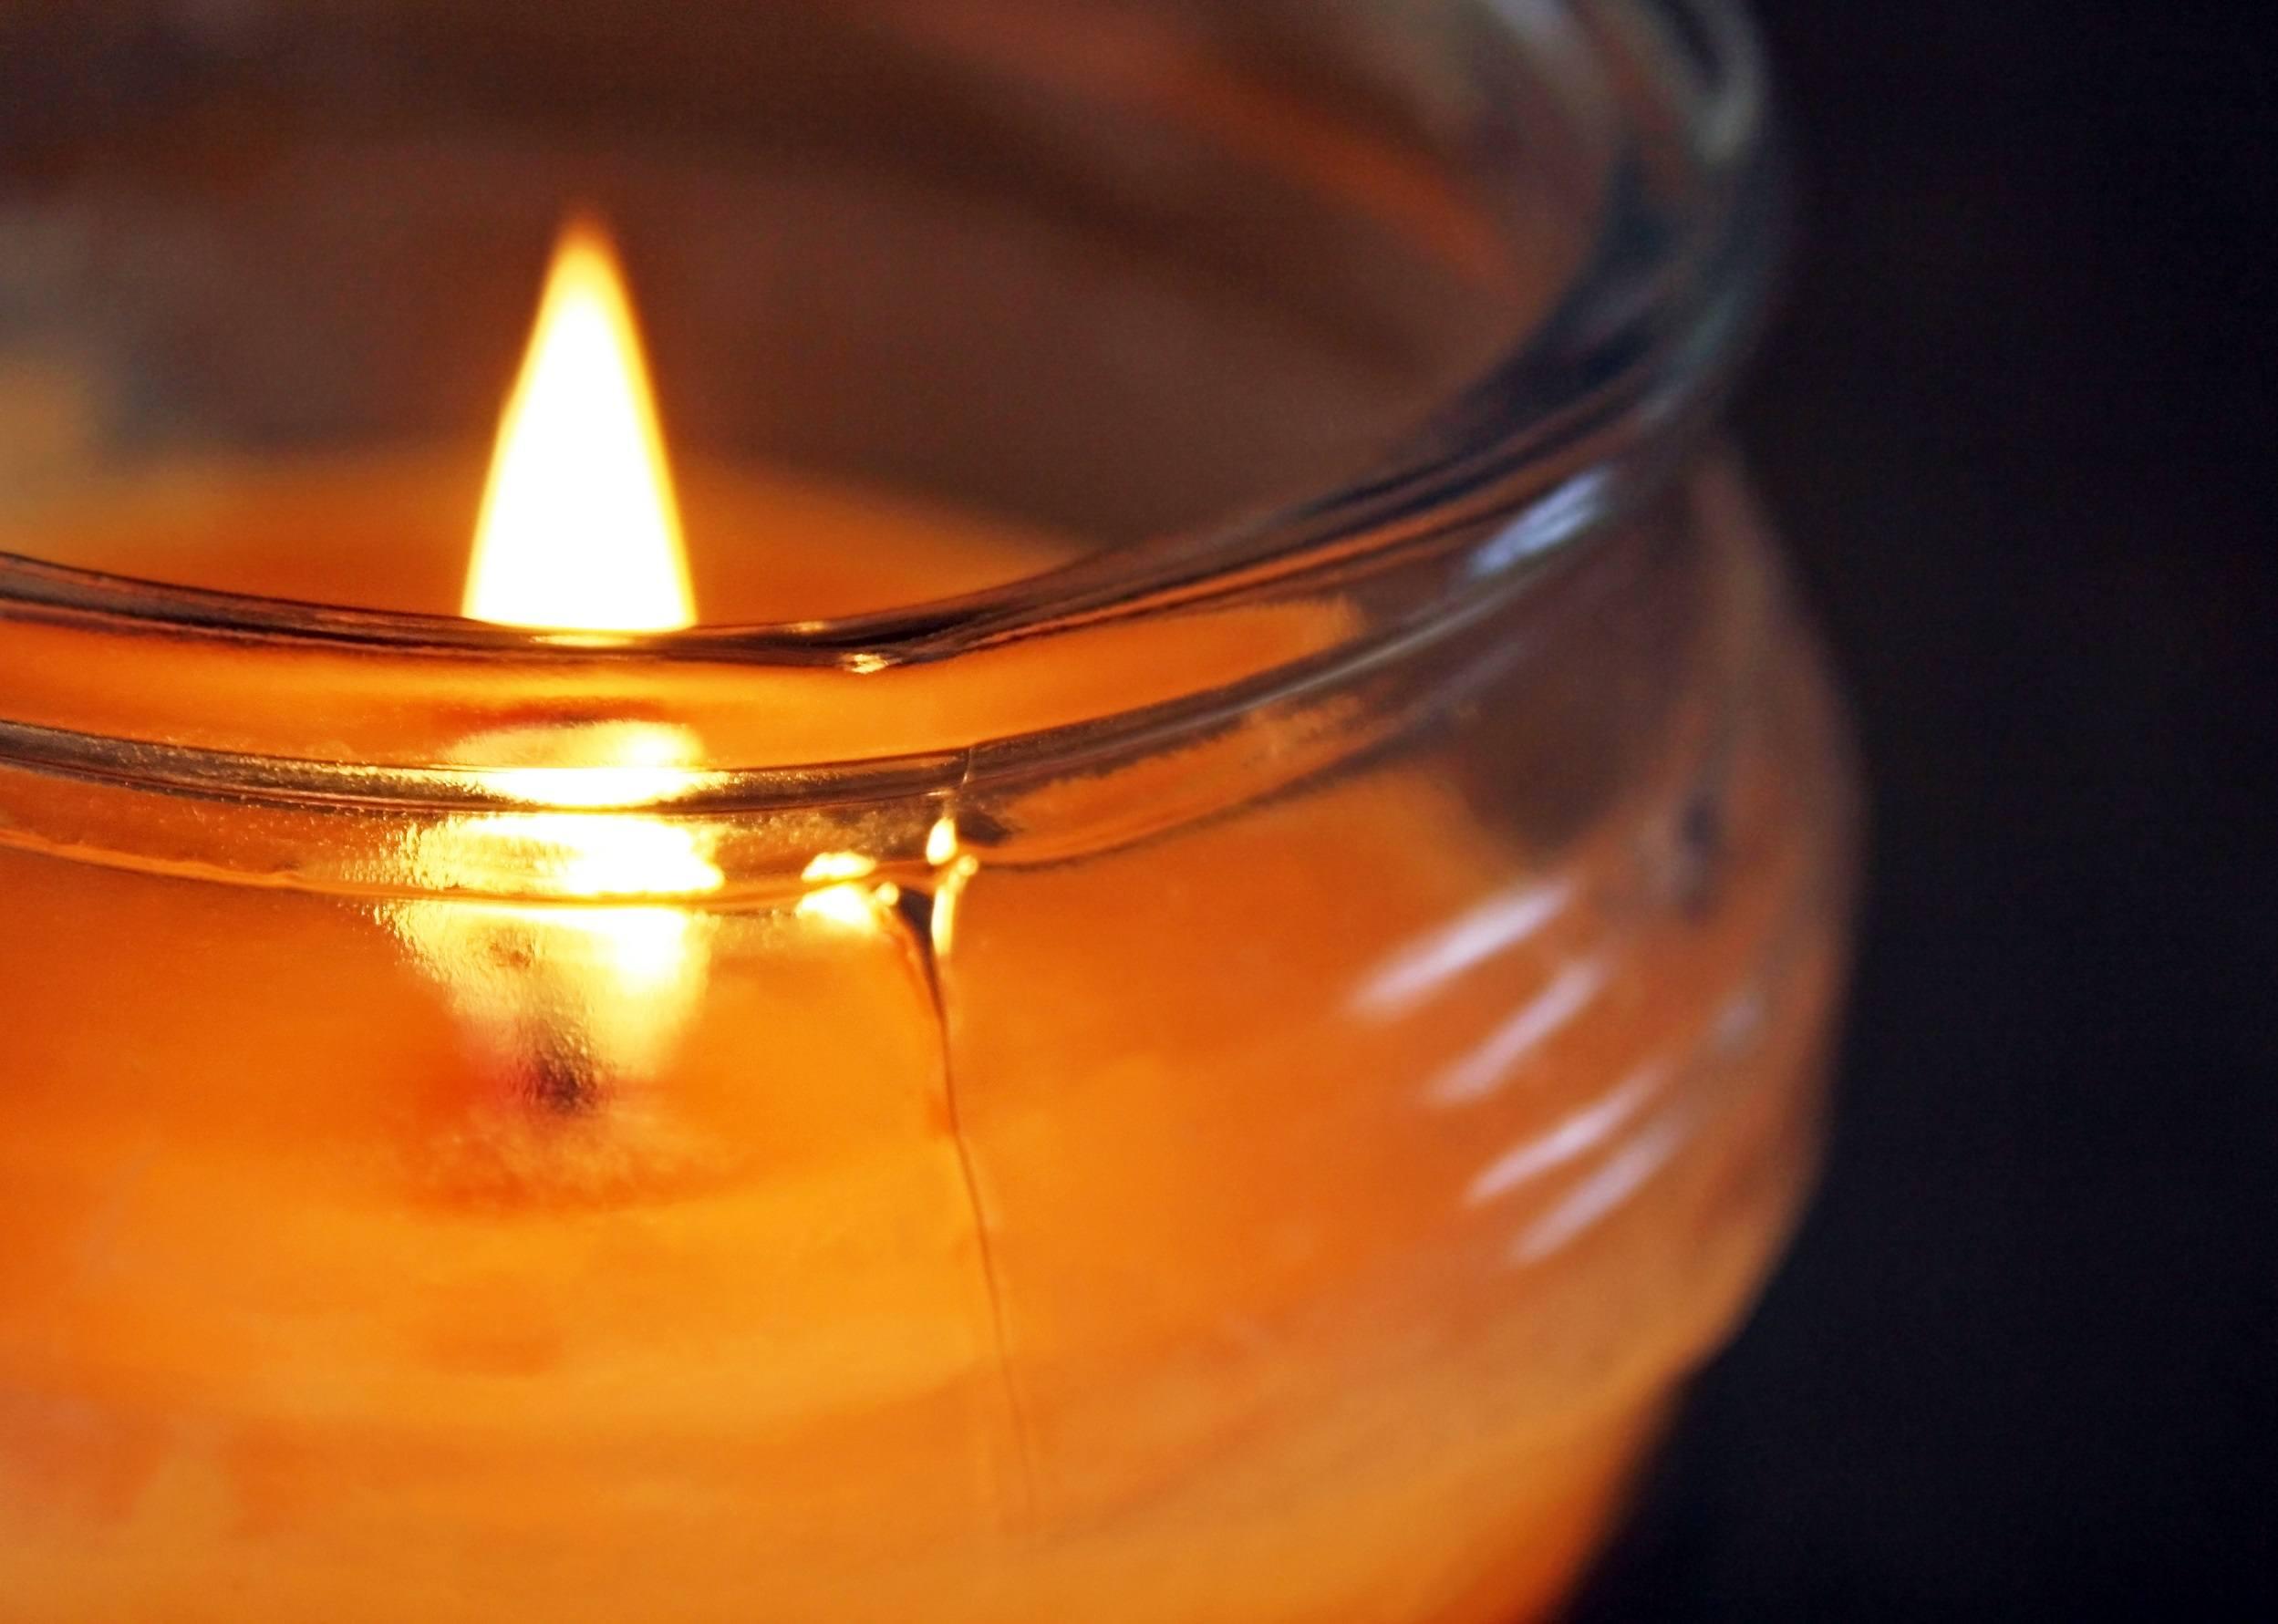 Burning candle photo